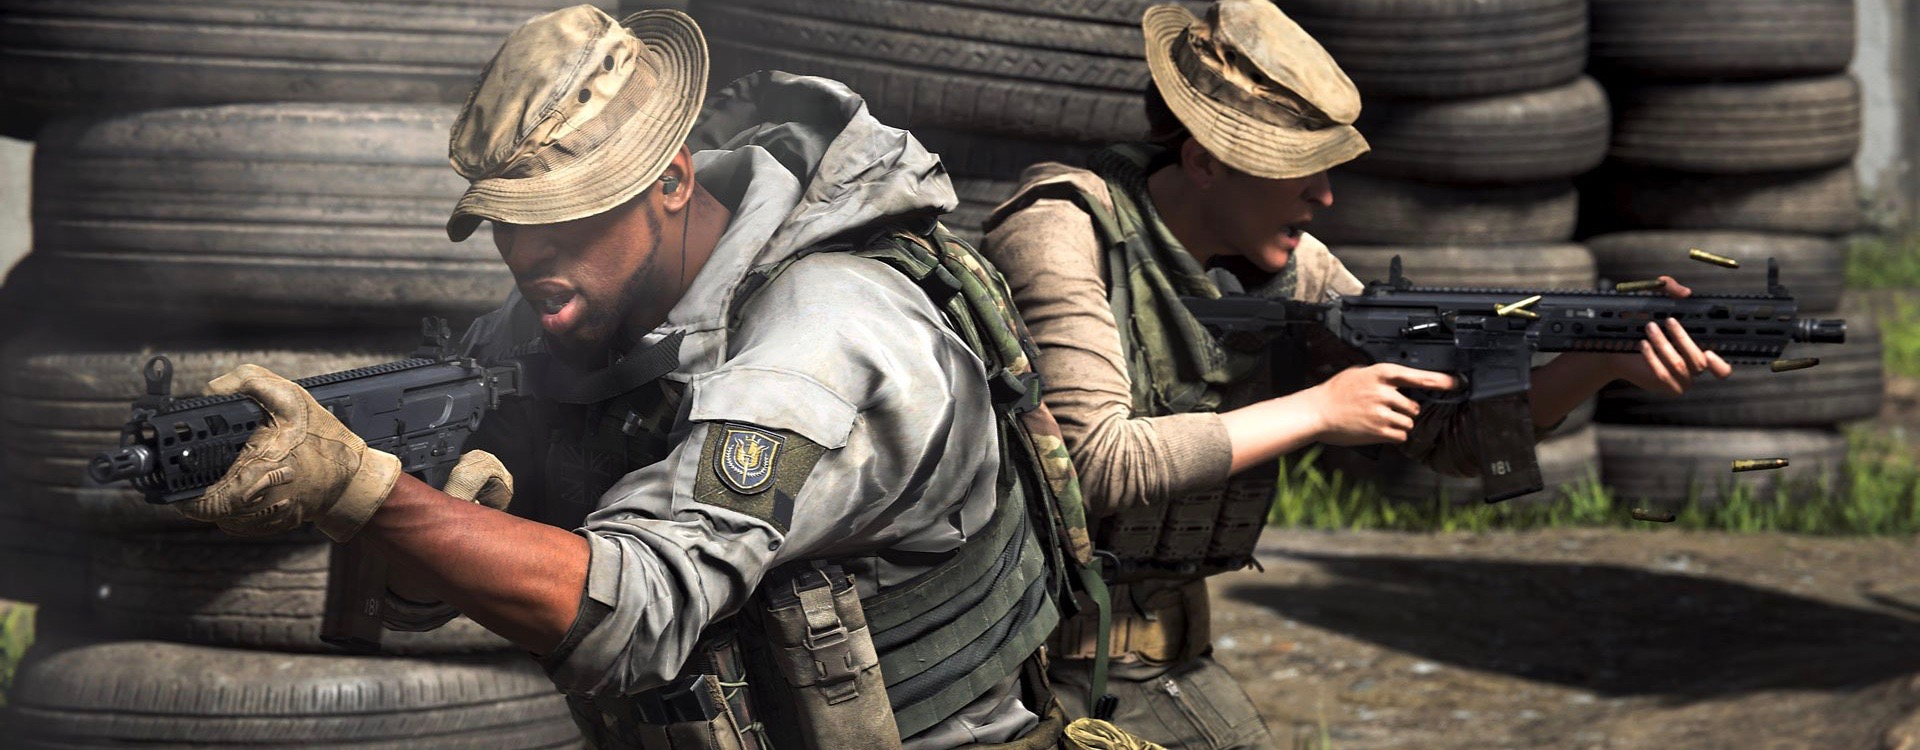 """CoD: Modern Warfare – Spieler finden SpecOps """"buggy"""" und """"enttäuschend"""""""